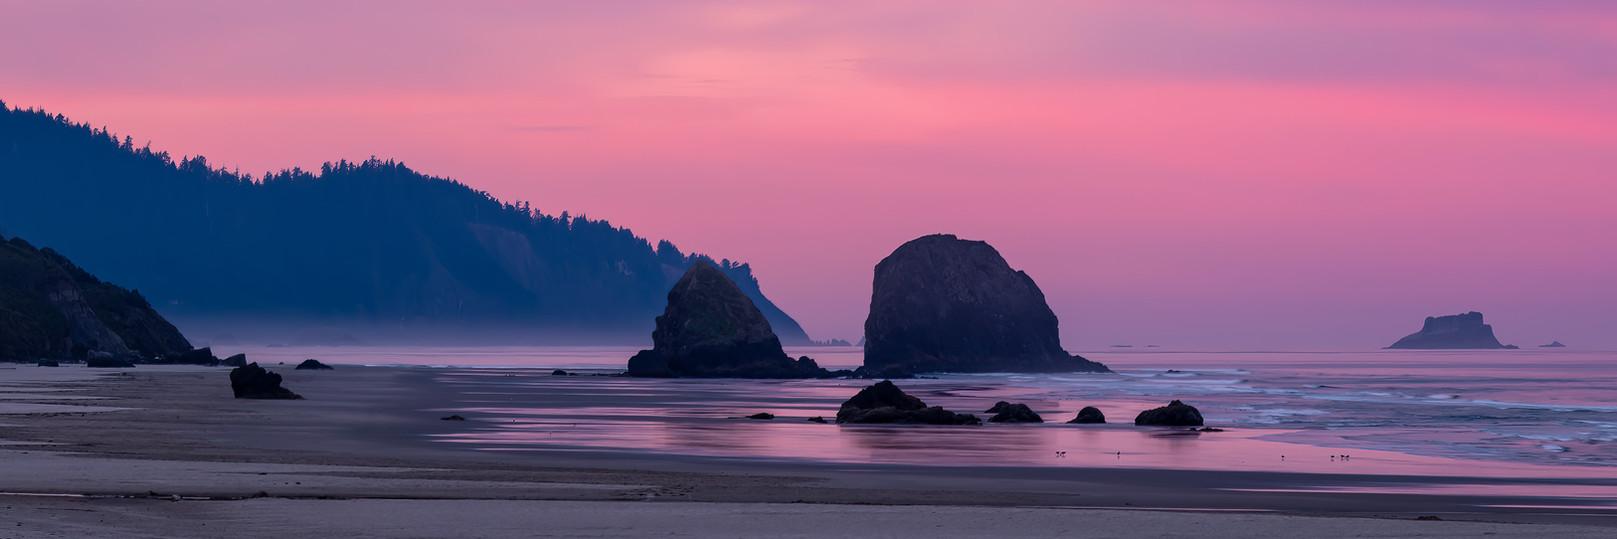 The Majestic Pacific Coast